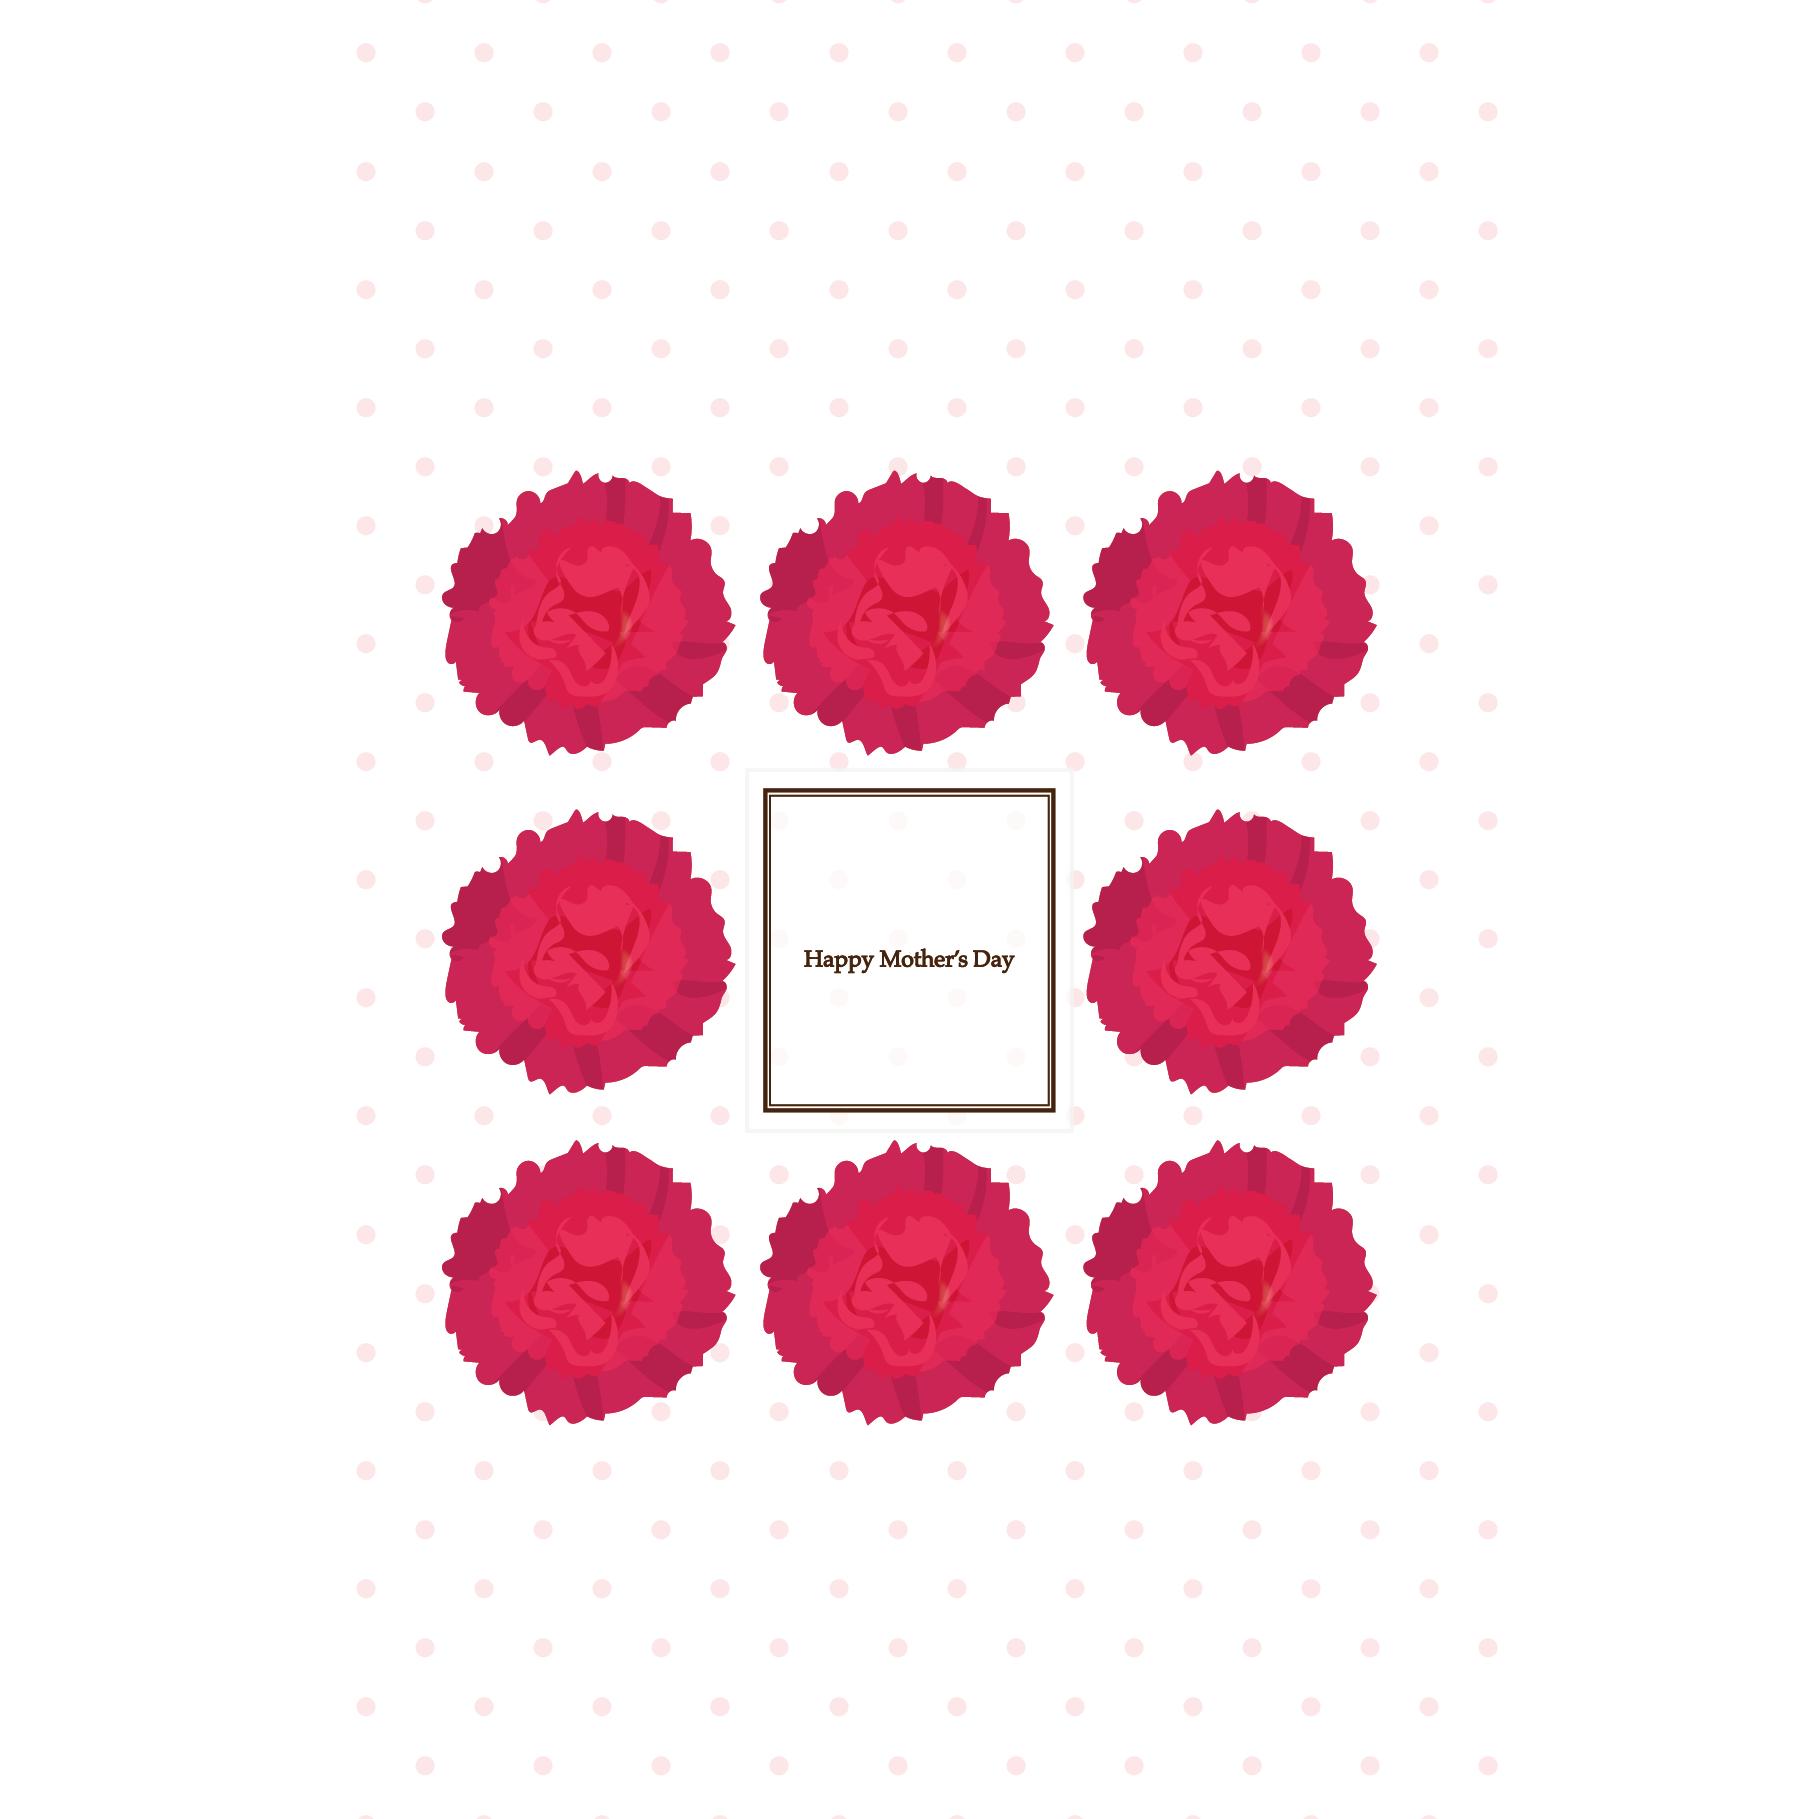 母の日のカーネーションと水玉のグリーティングカード(縦)イラスト